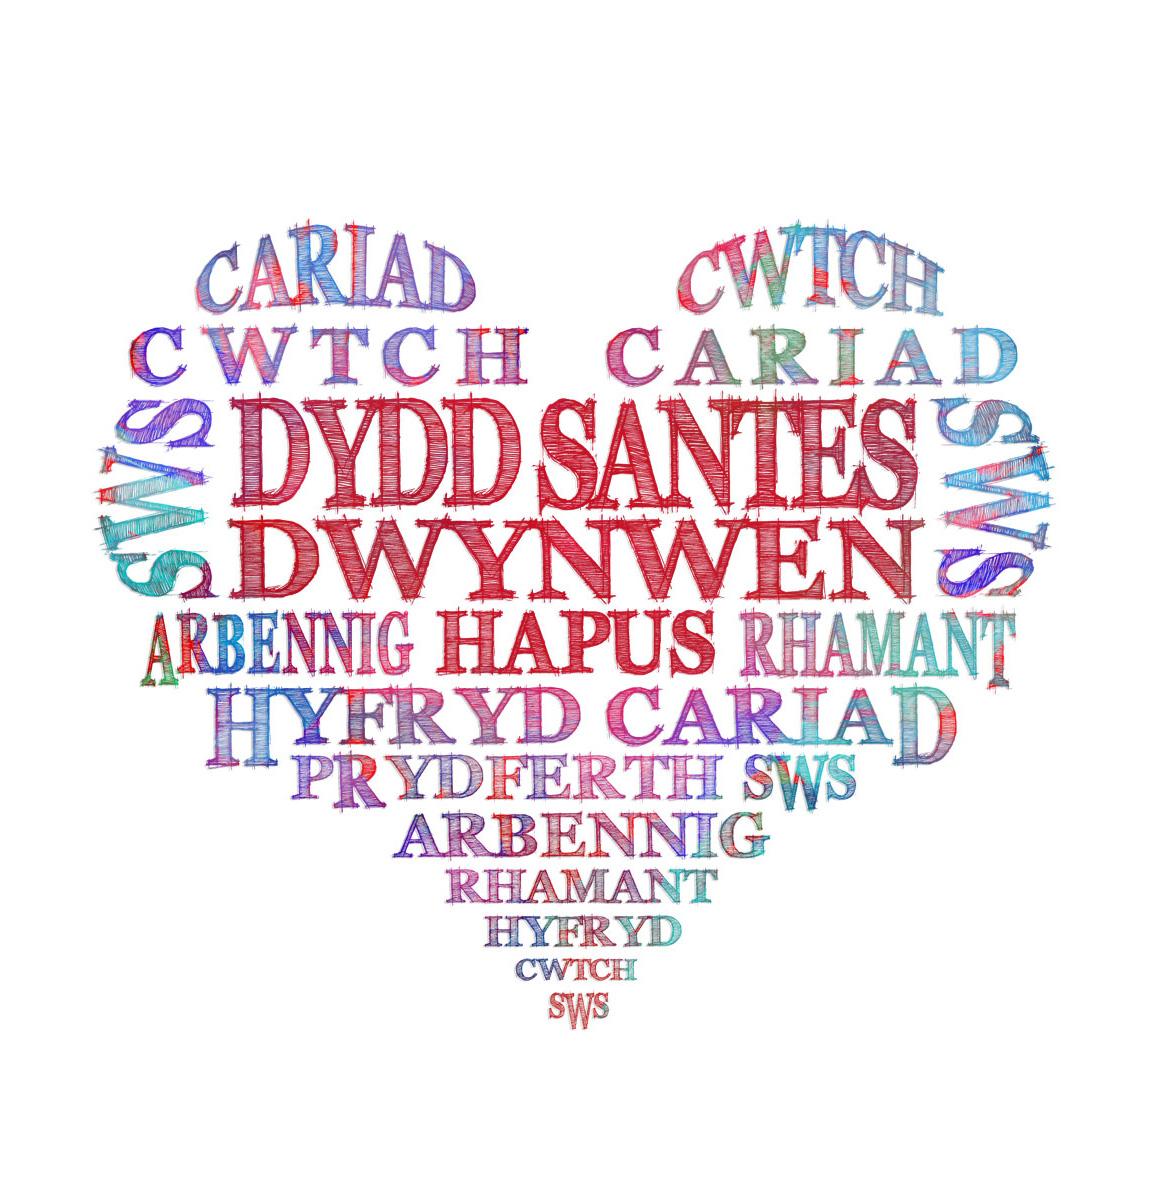 St Dwynwen's Day / Dydd Santes Dwynwen